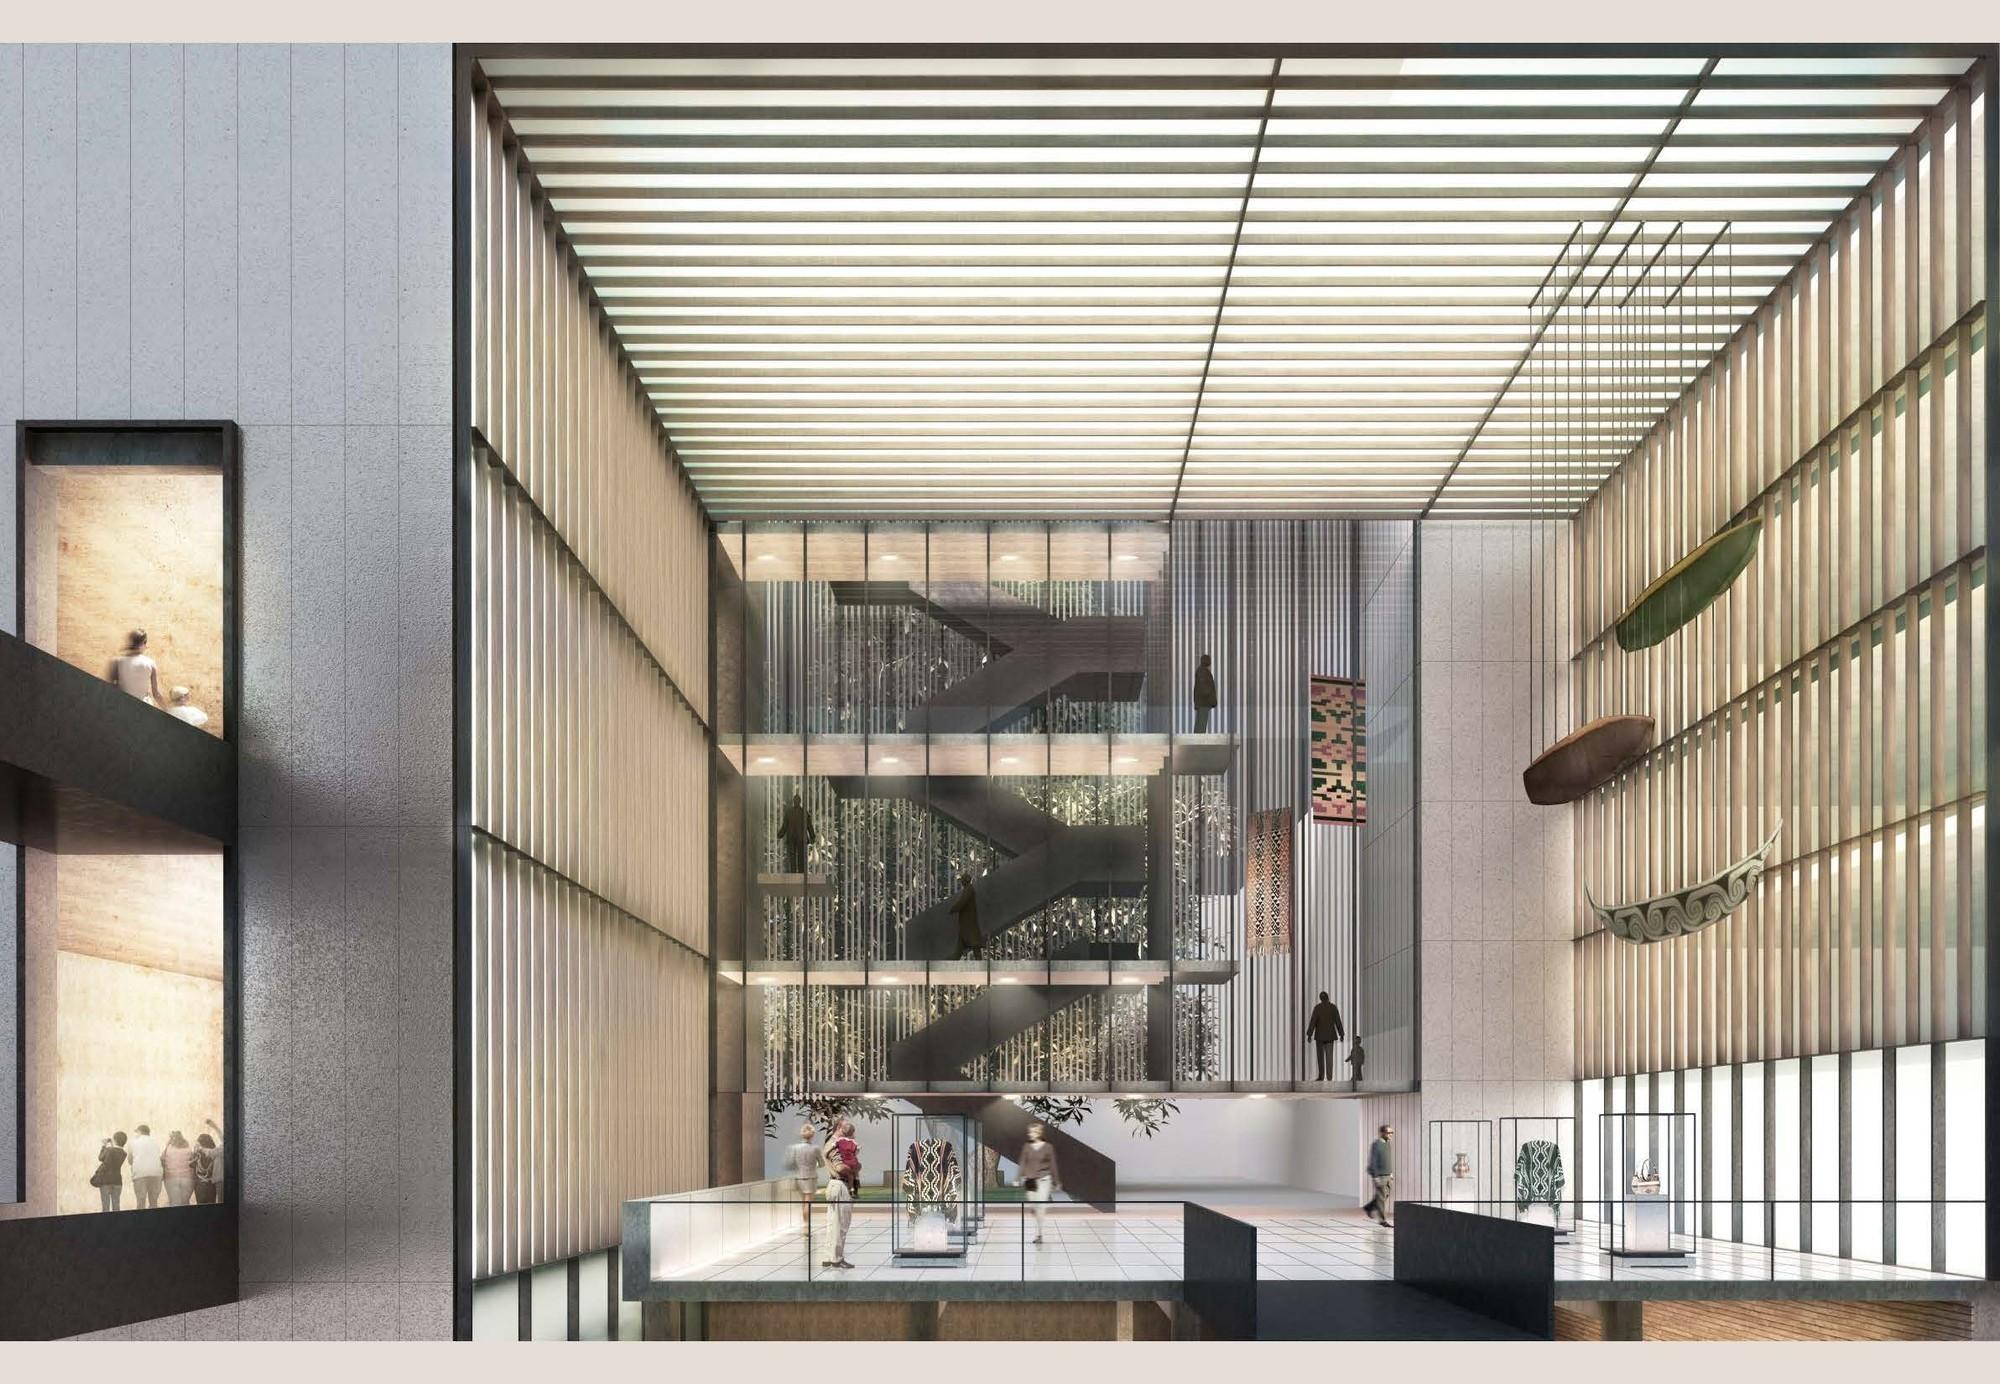 Galer a de concursos de arquitectura sin honorarios el for Honorarios arquitecto